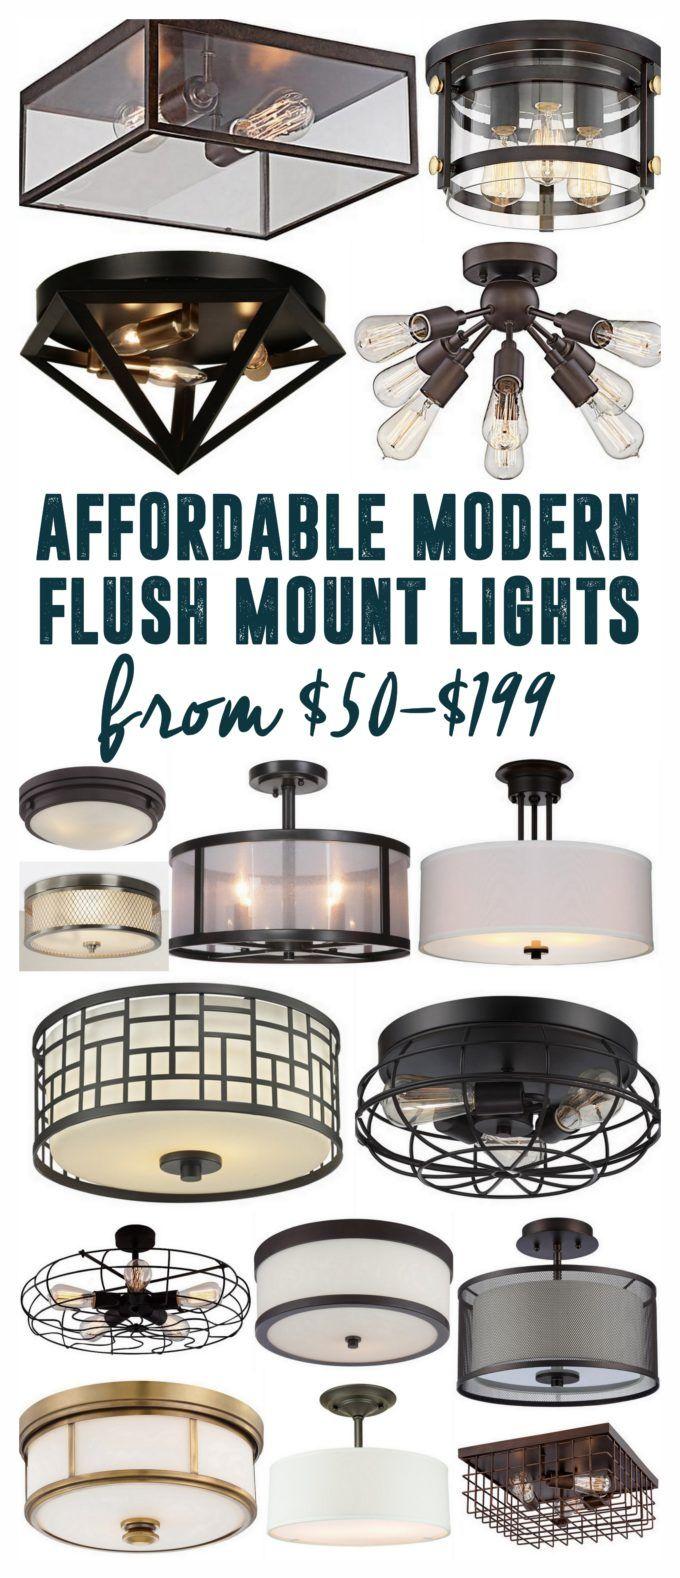 Affordable flush mount lights